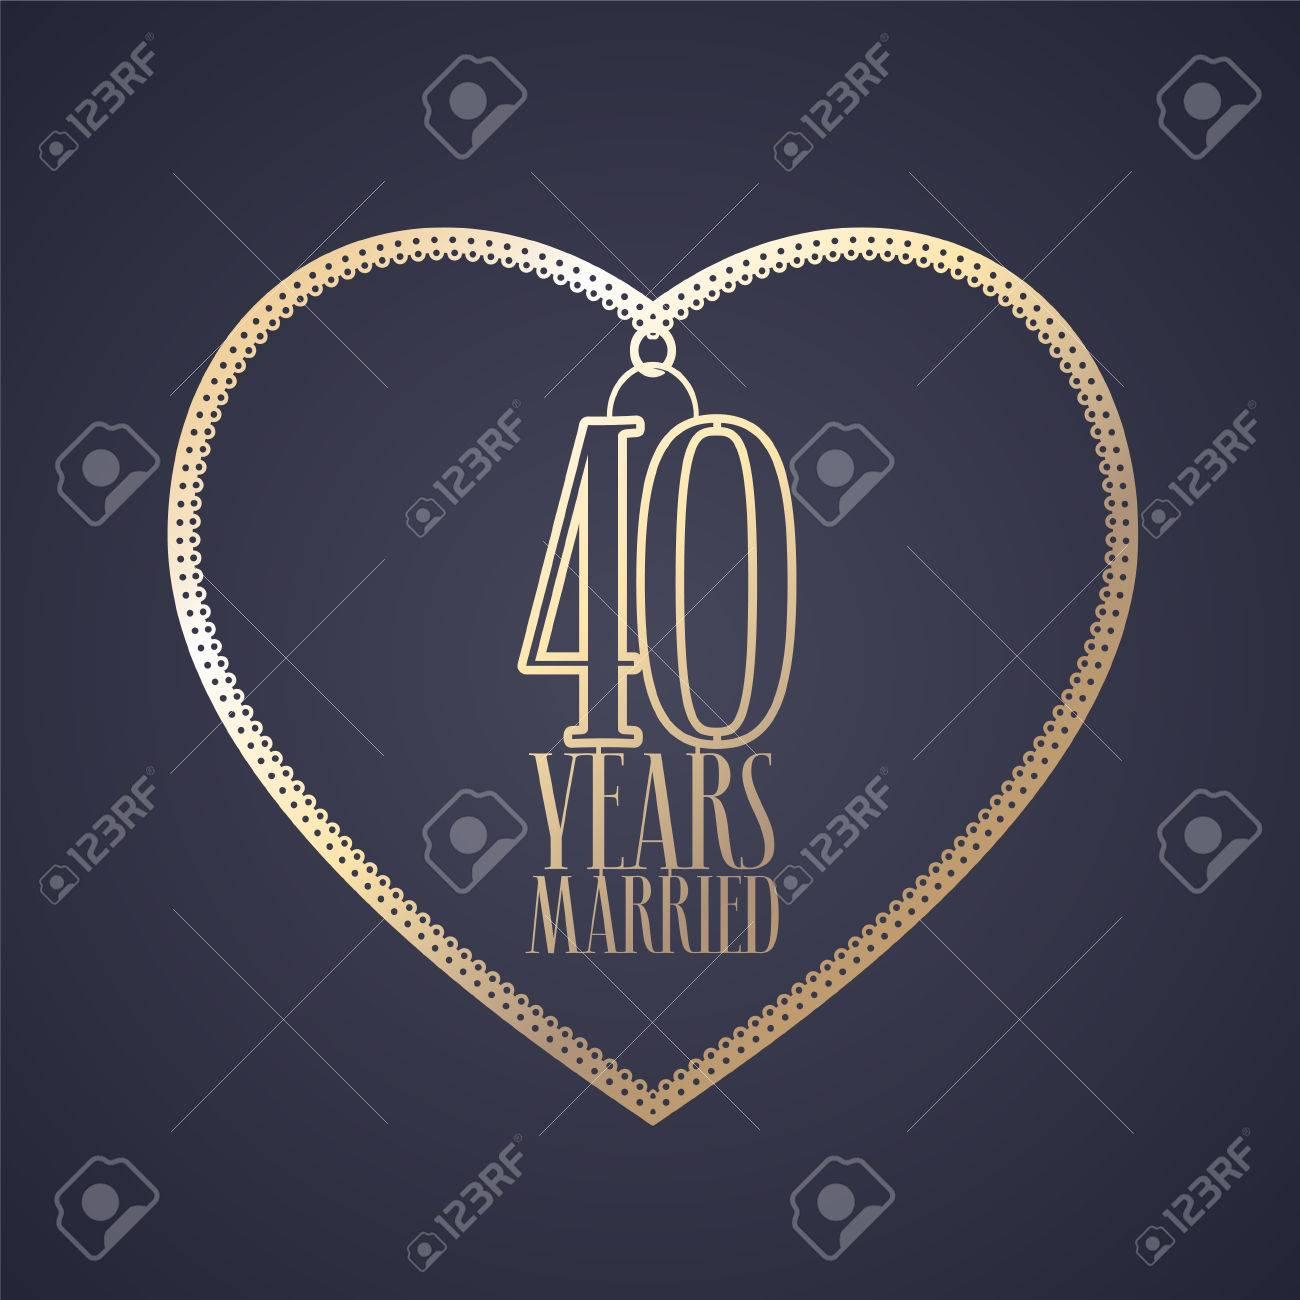 40 Jahre Jubiläum Der Verheiratete Vektor-Symbol, Logo. Grafik ...